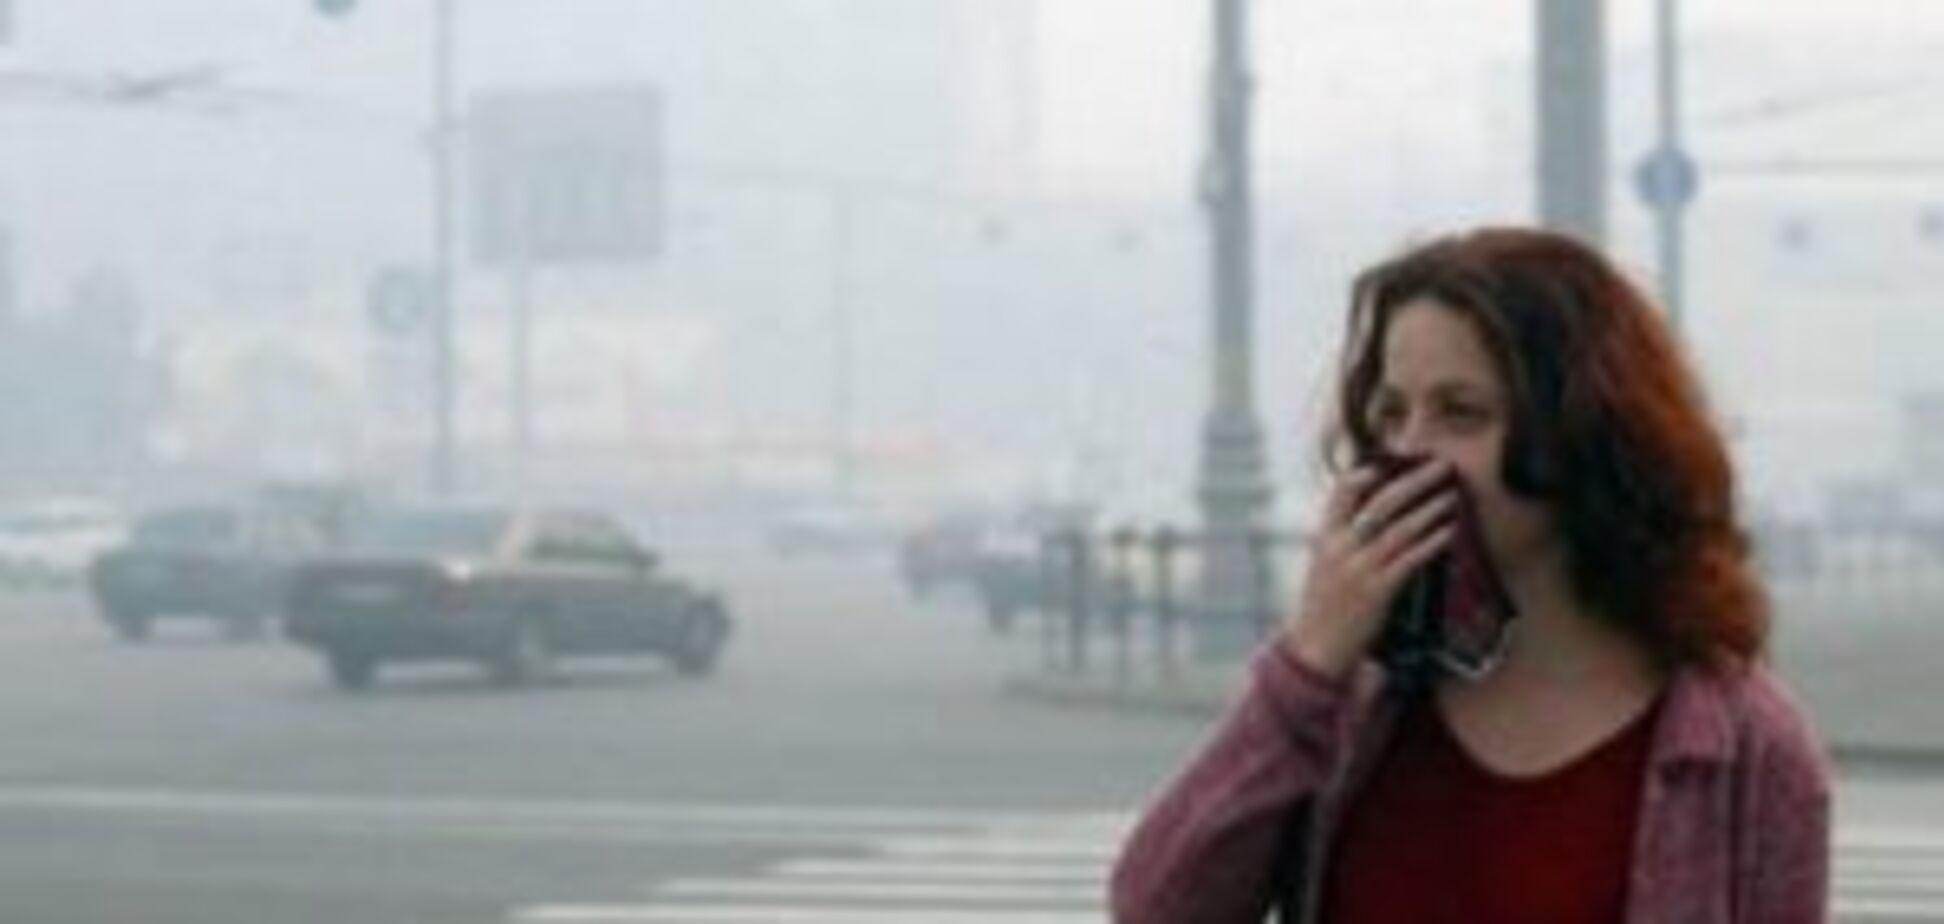 Українці вимирають через брудне повітря: опублікована тривожна статистика